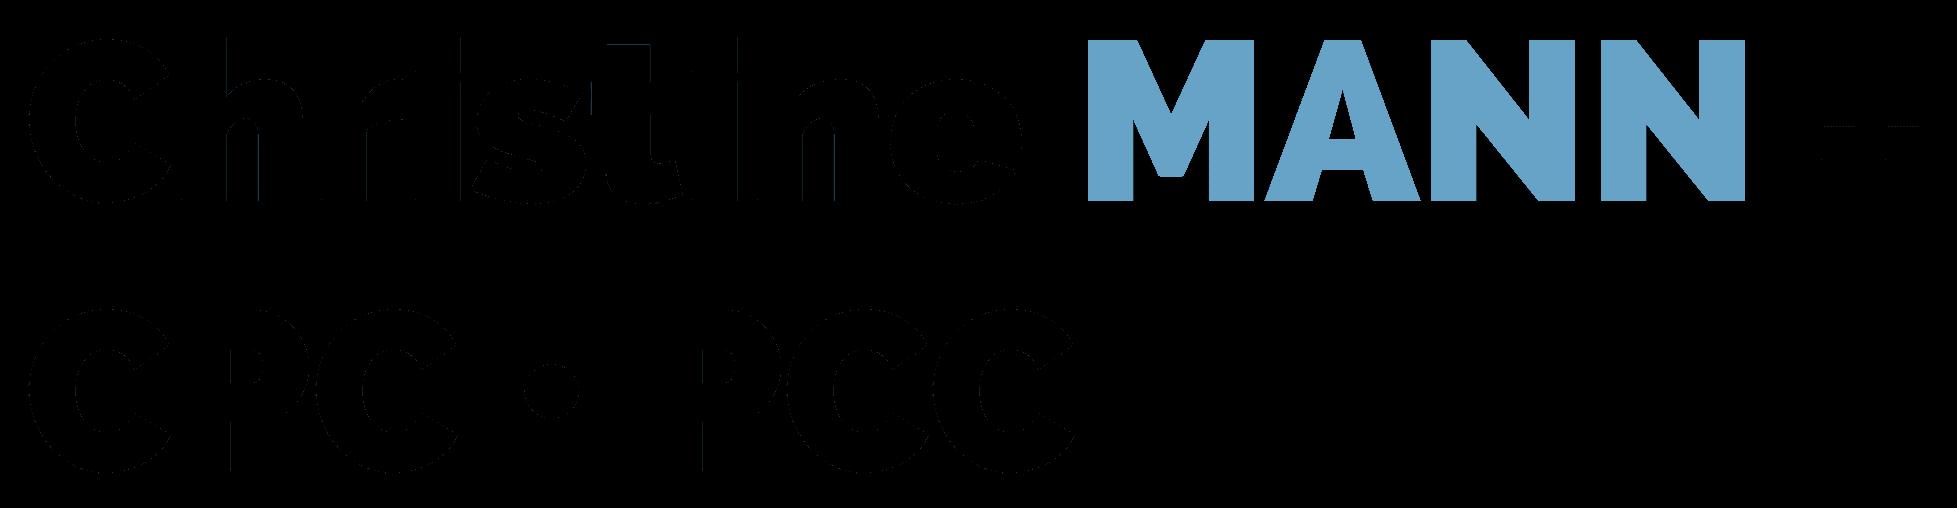 MANN Consulting Christine Mann CPC PCC